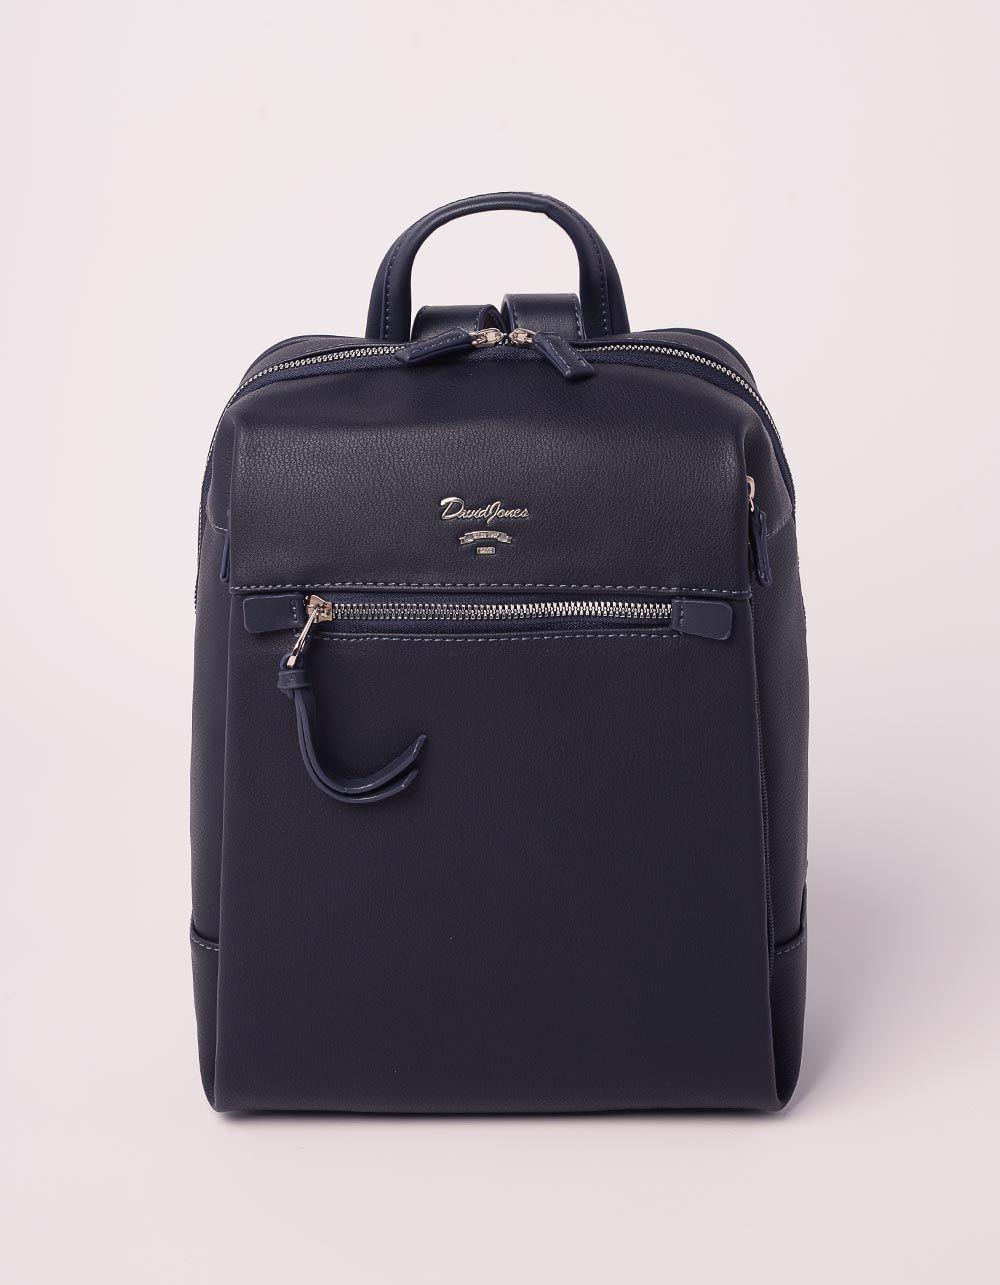 Рюкзак стильний з кишенею | 237494-30-XX